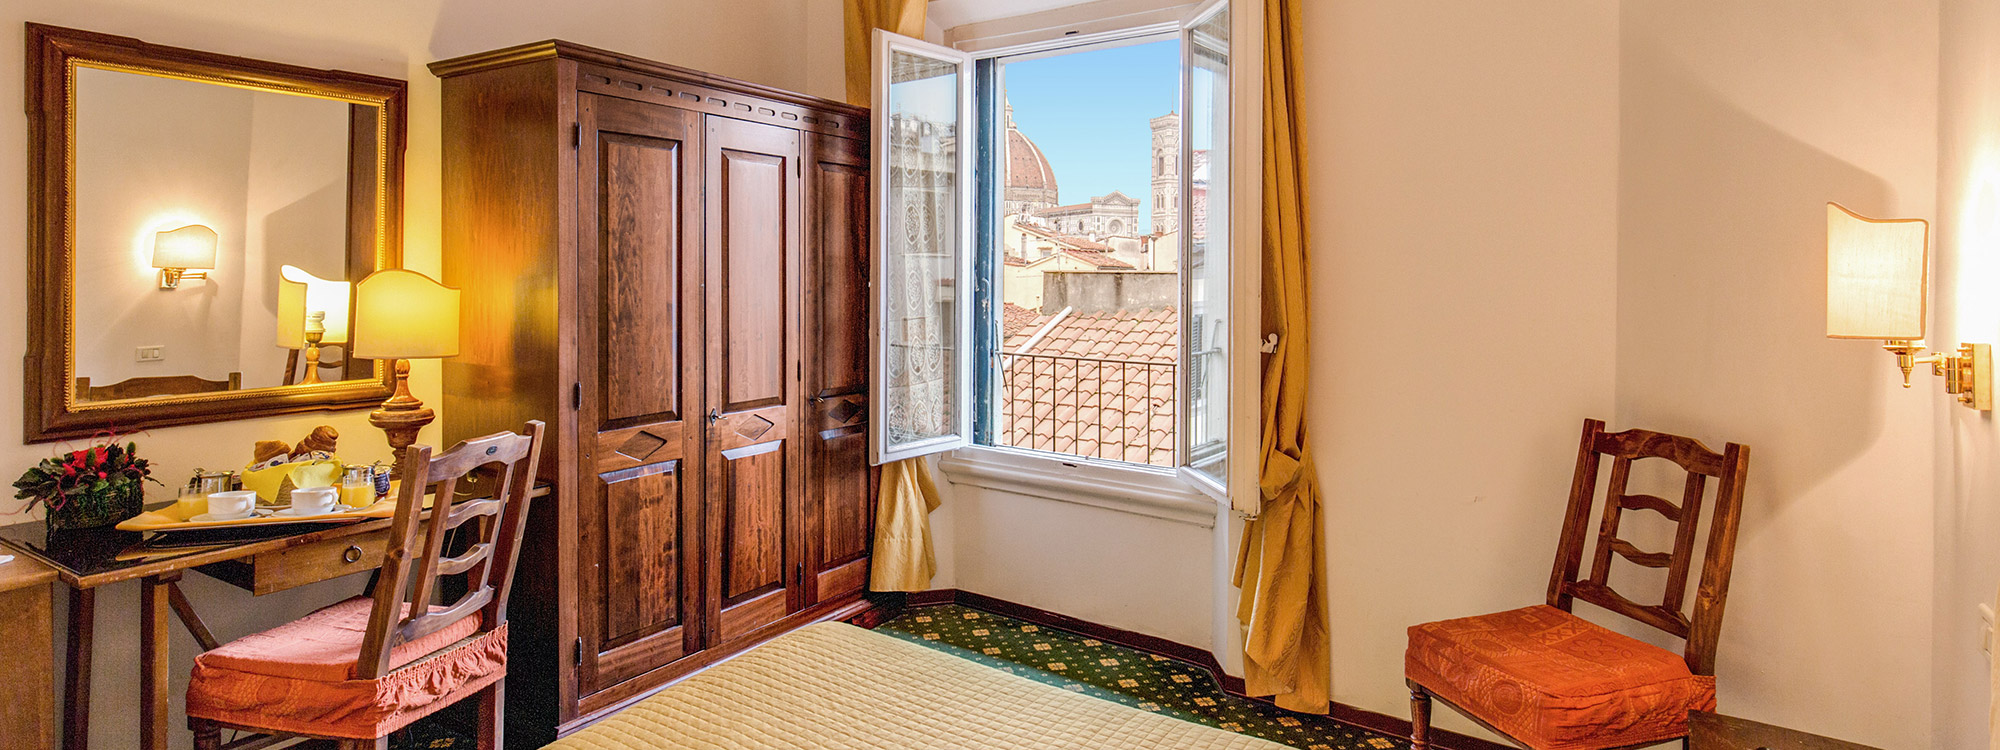 Hotel San Giorgio Y Olimpic Florencia Italia Cerca De La  # Muebles Firenze